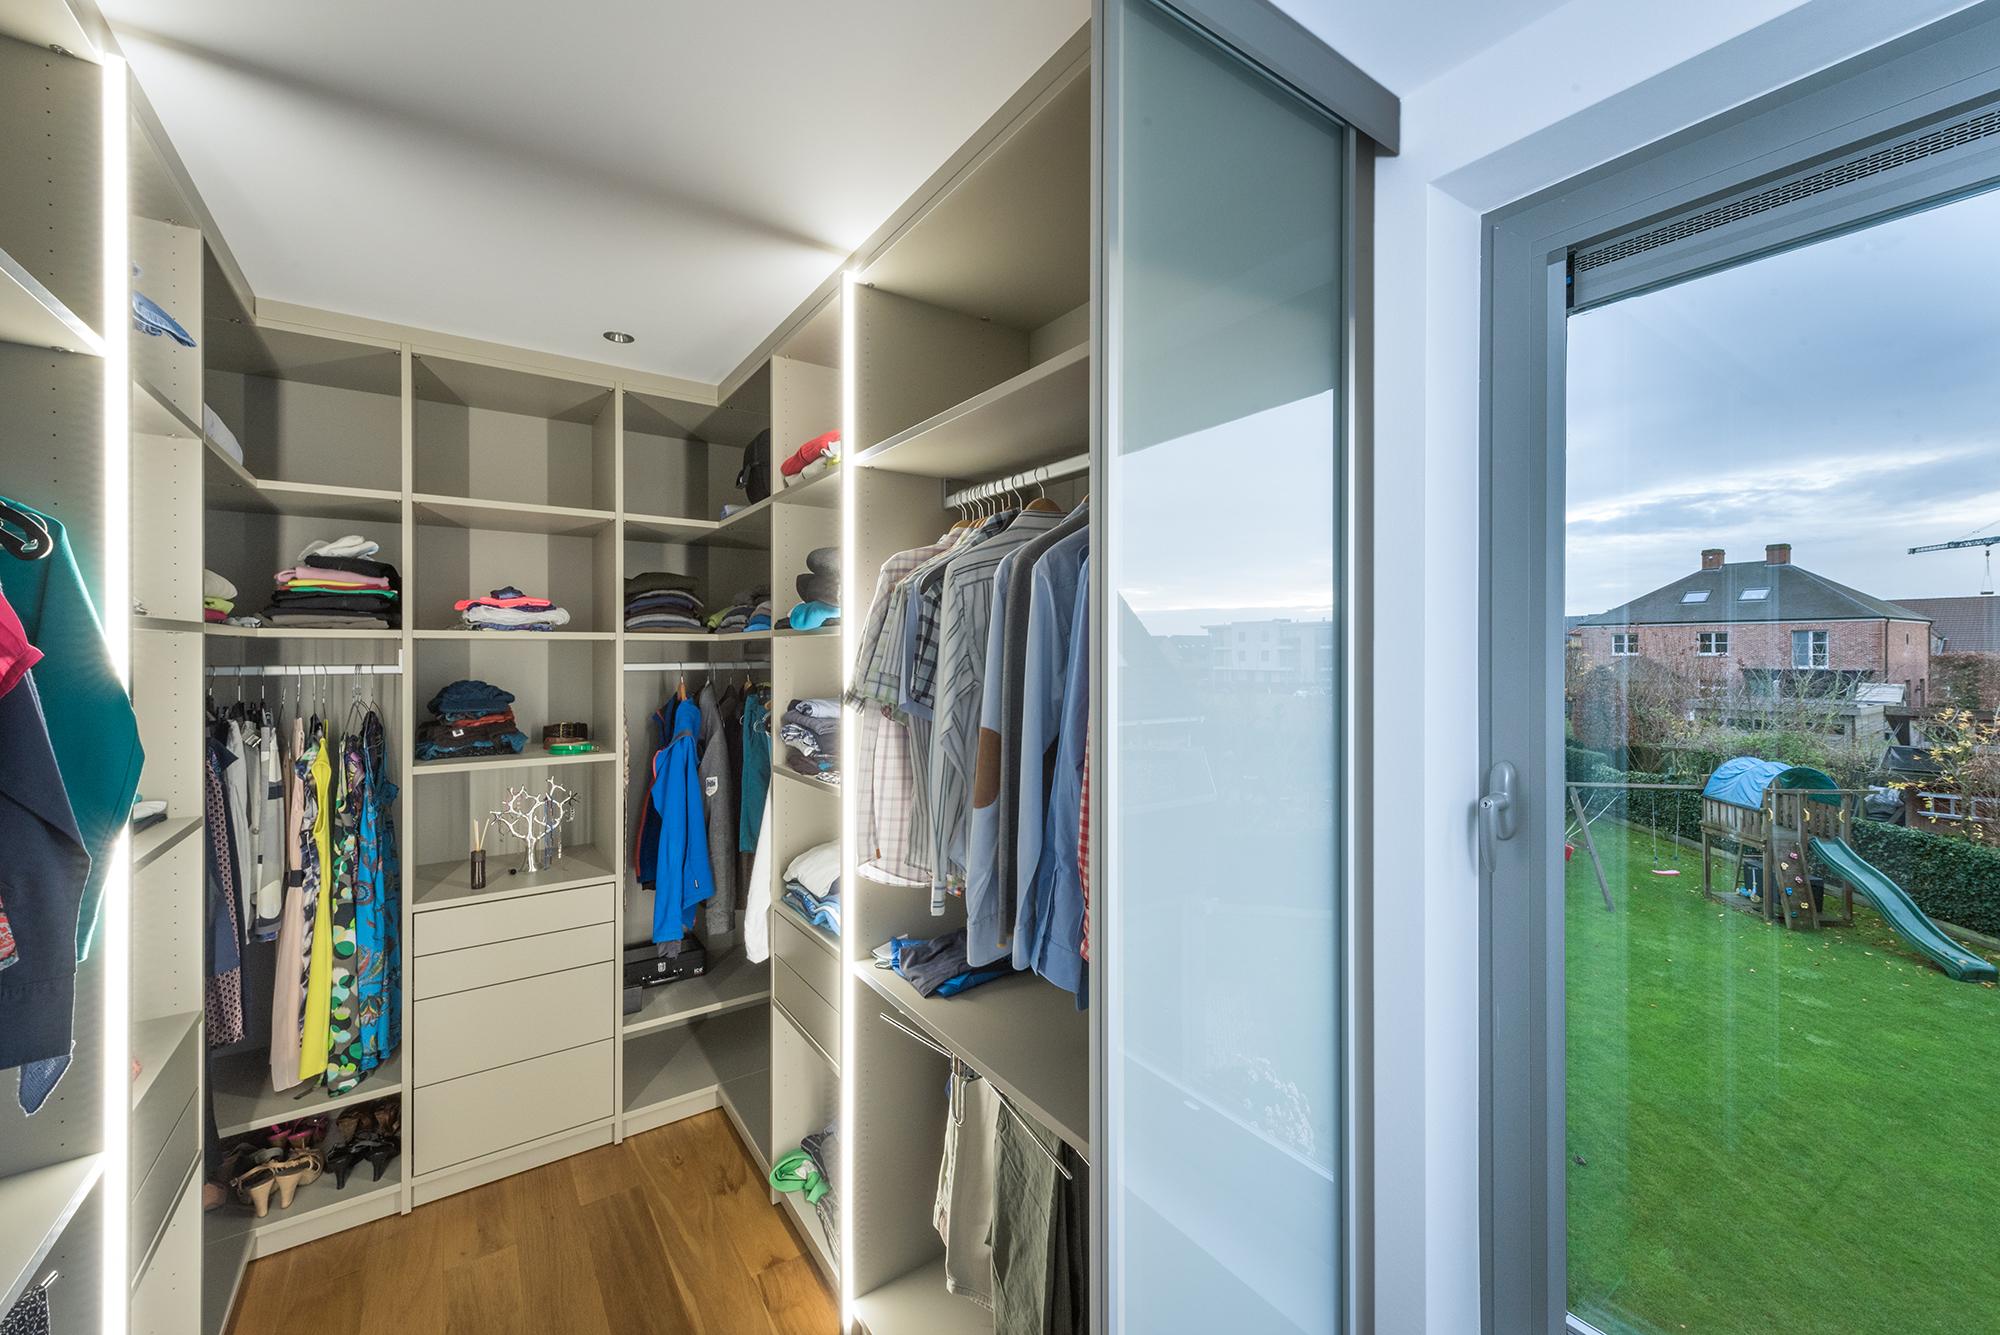 Dressing in slaapkamer realisaties maatwerk deba meubelen deba meubelen - Dressing slaapkamer ...